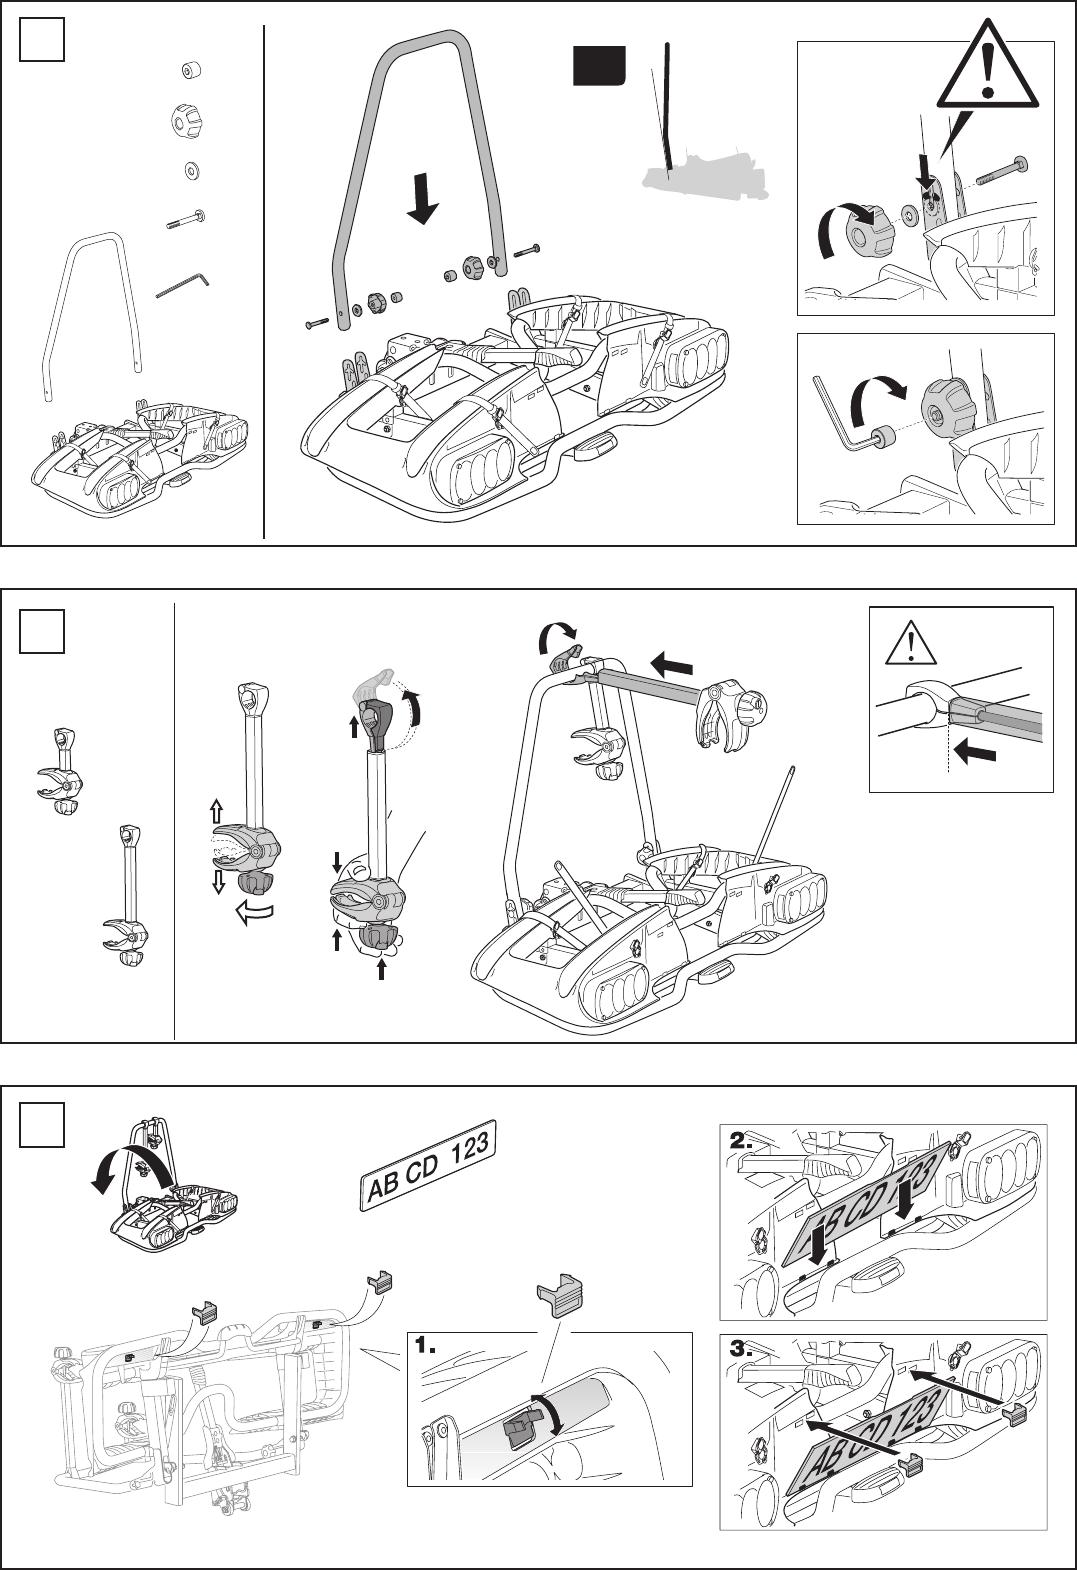 bedienungsanleitung thule europower 915 seite 3 von 16. Black Bedroom Furniture Sets. Home Design Ideas